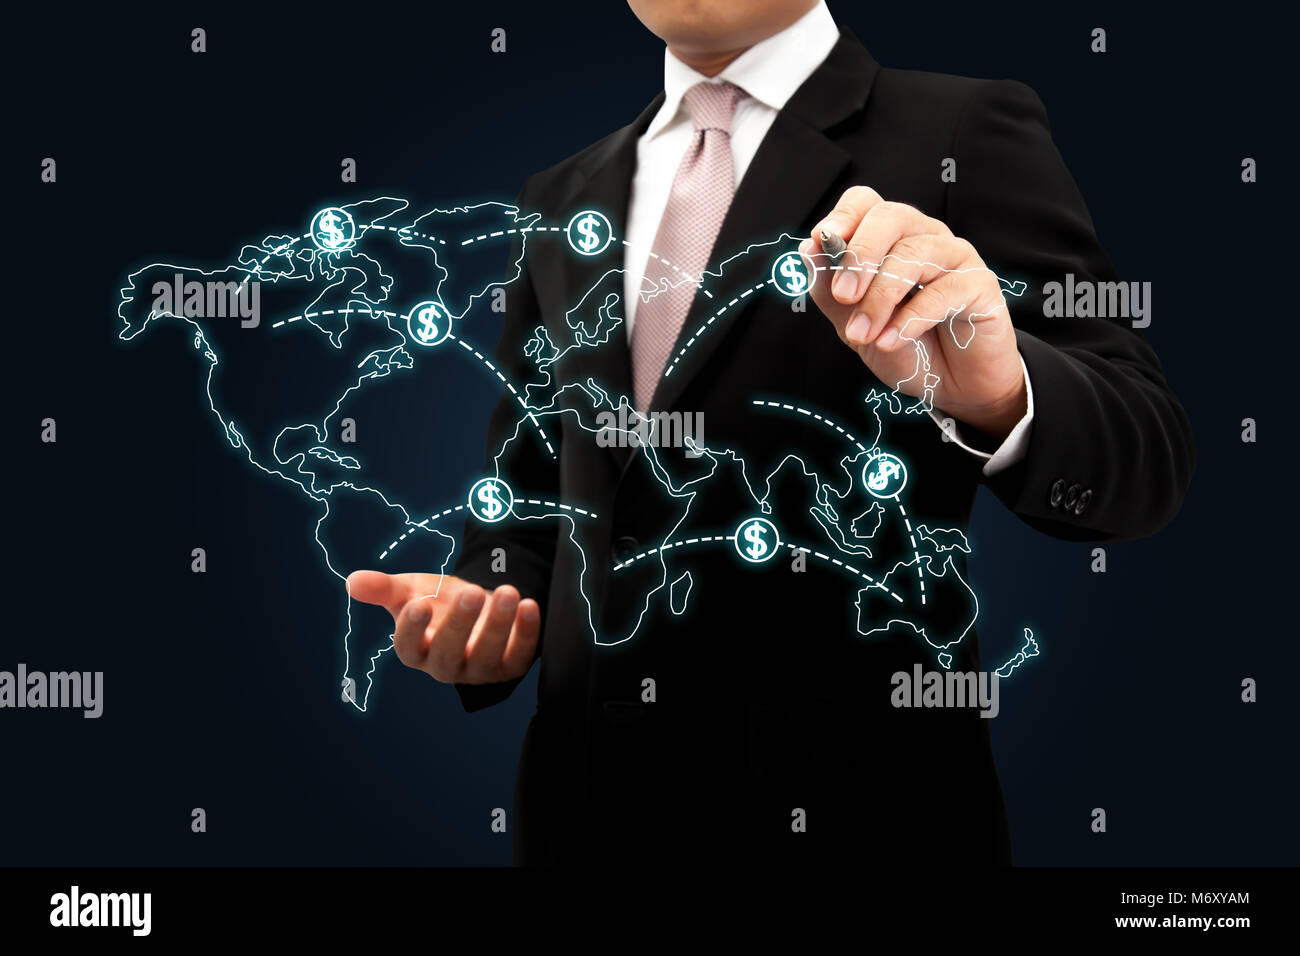 Wachstum in der ganzen Welt. Stockbild